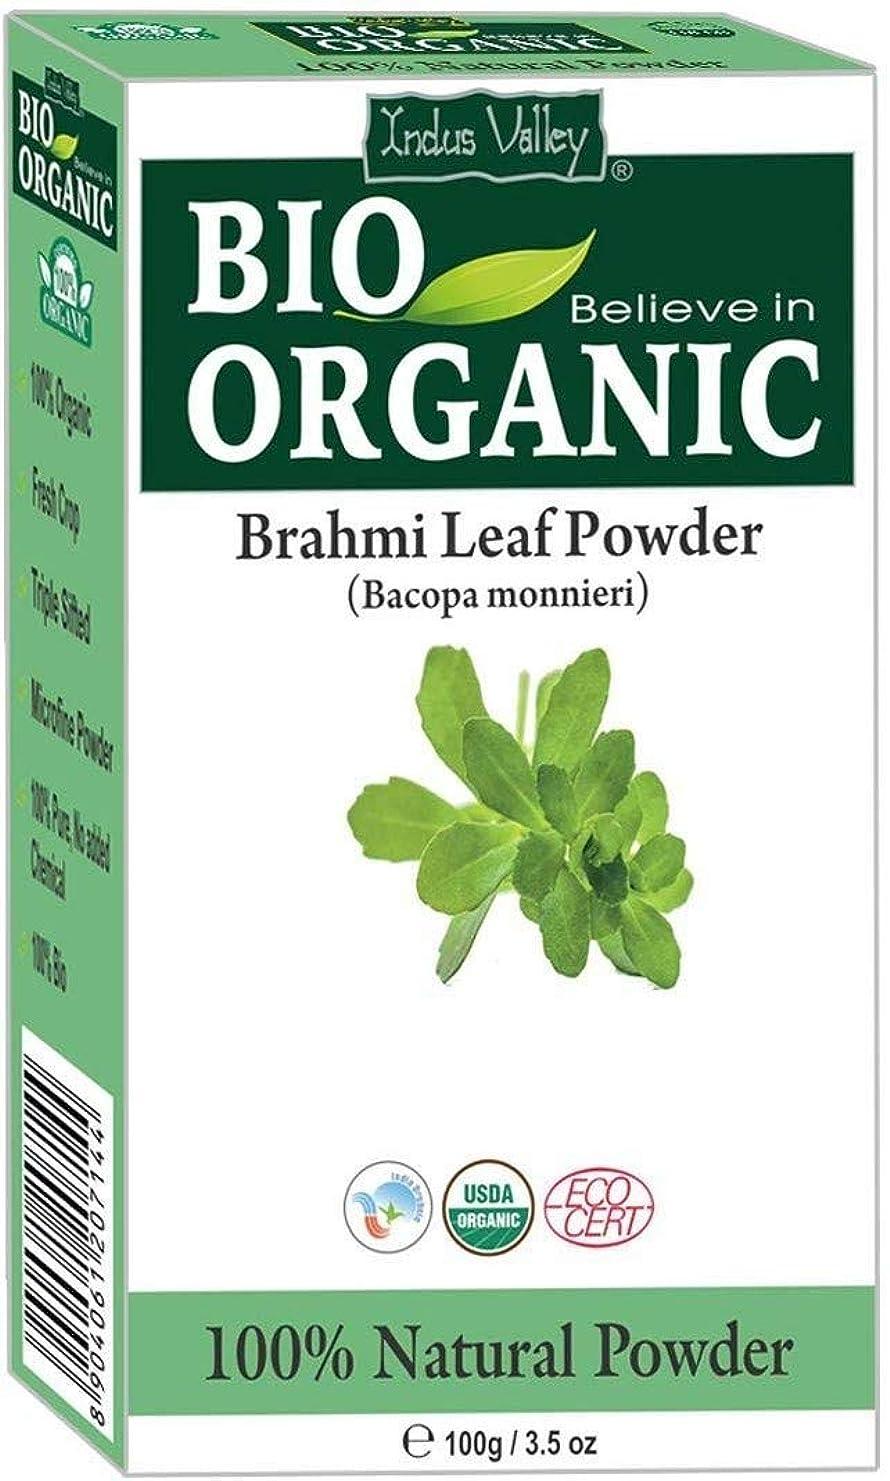 言い訳その他陸軍無料のレシピ本100gが付いている証明された純粋な有機性Brahmiの粉